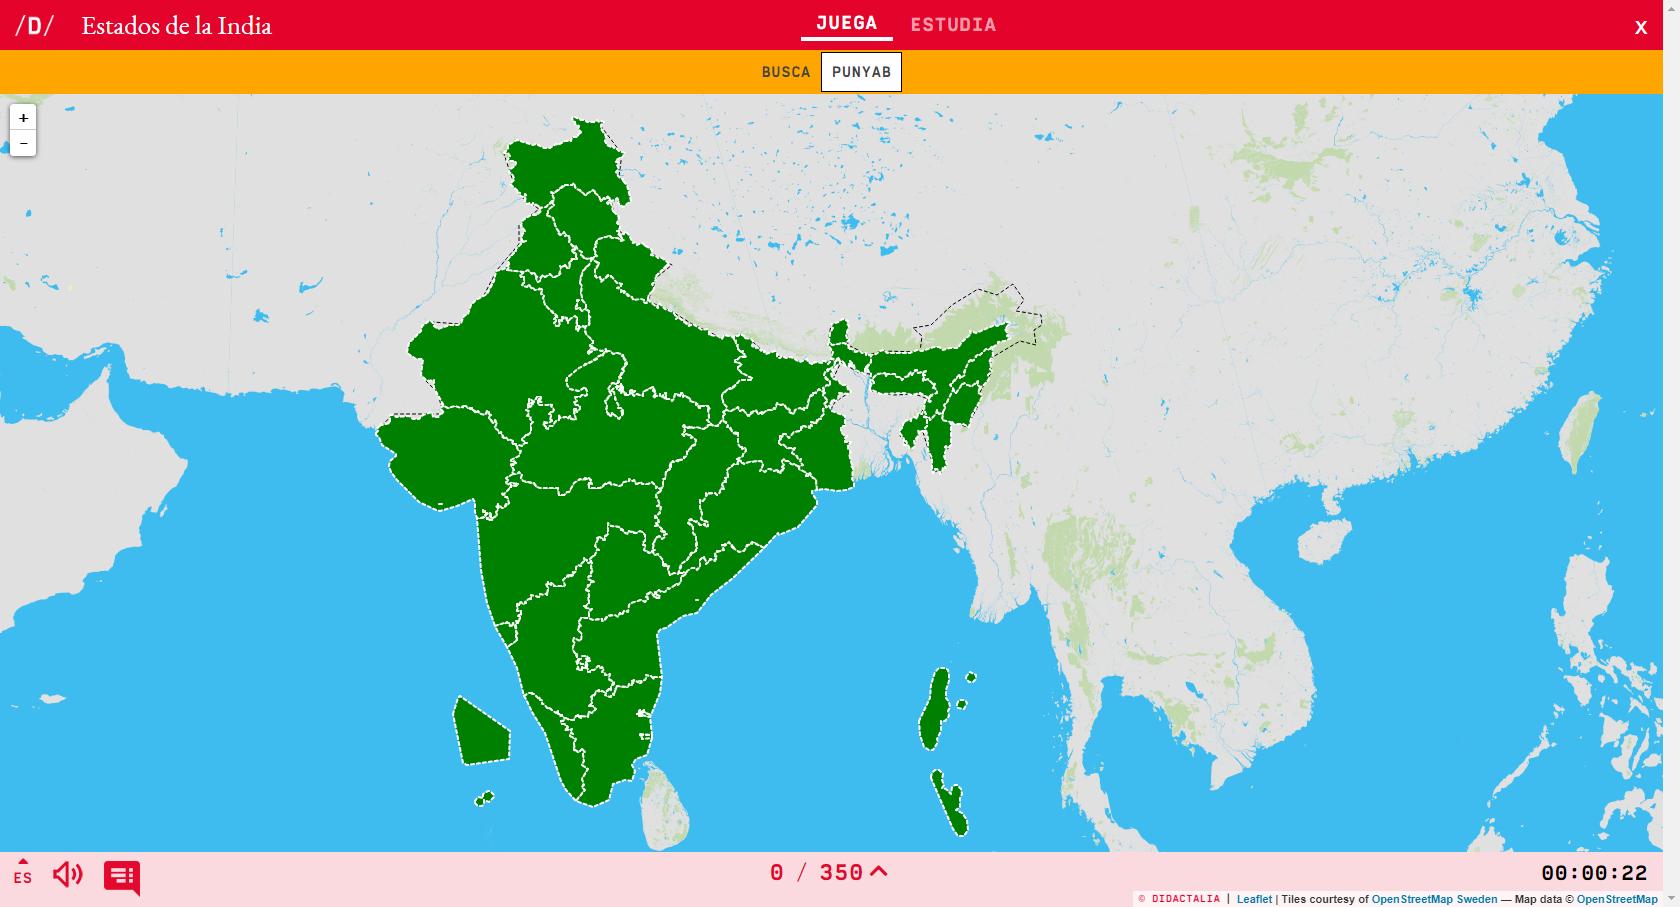 Estados da India